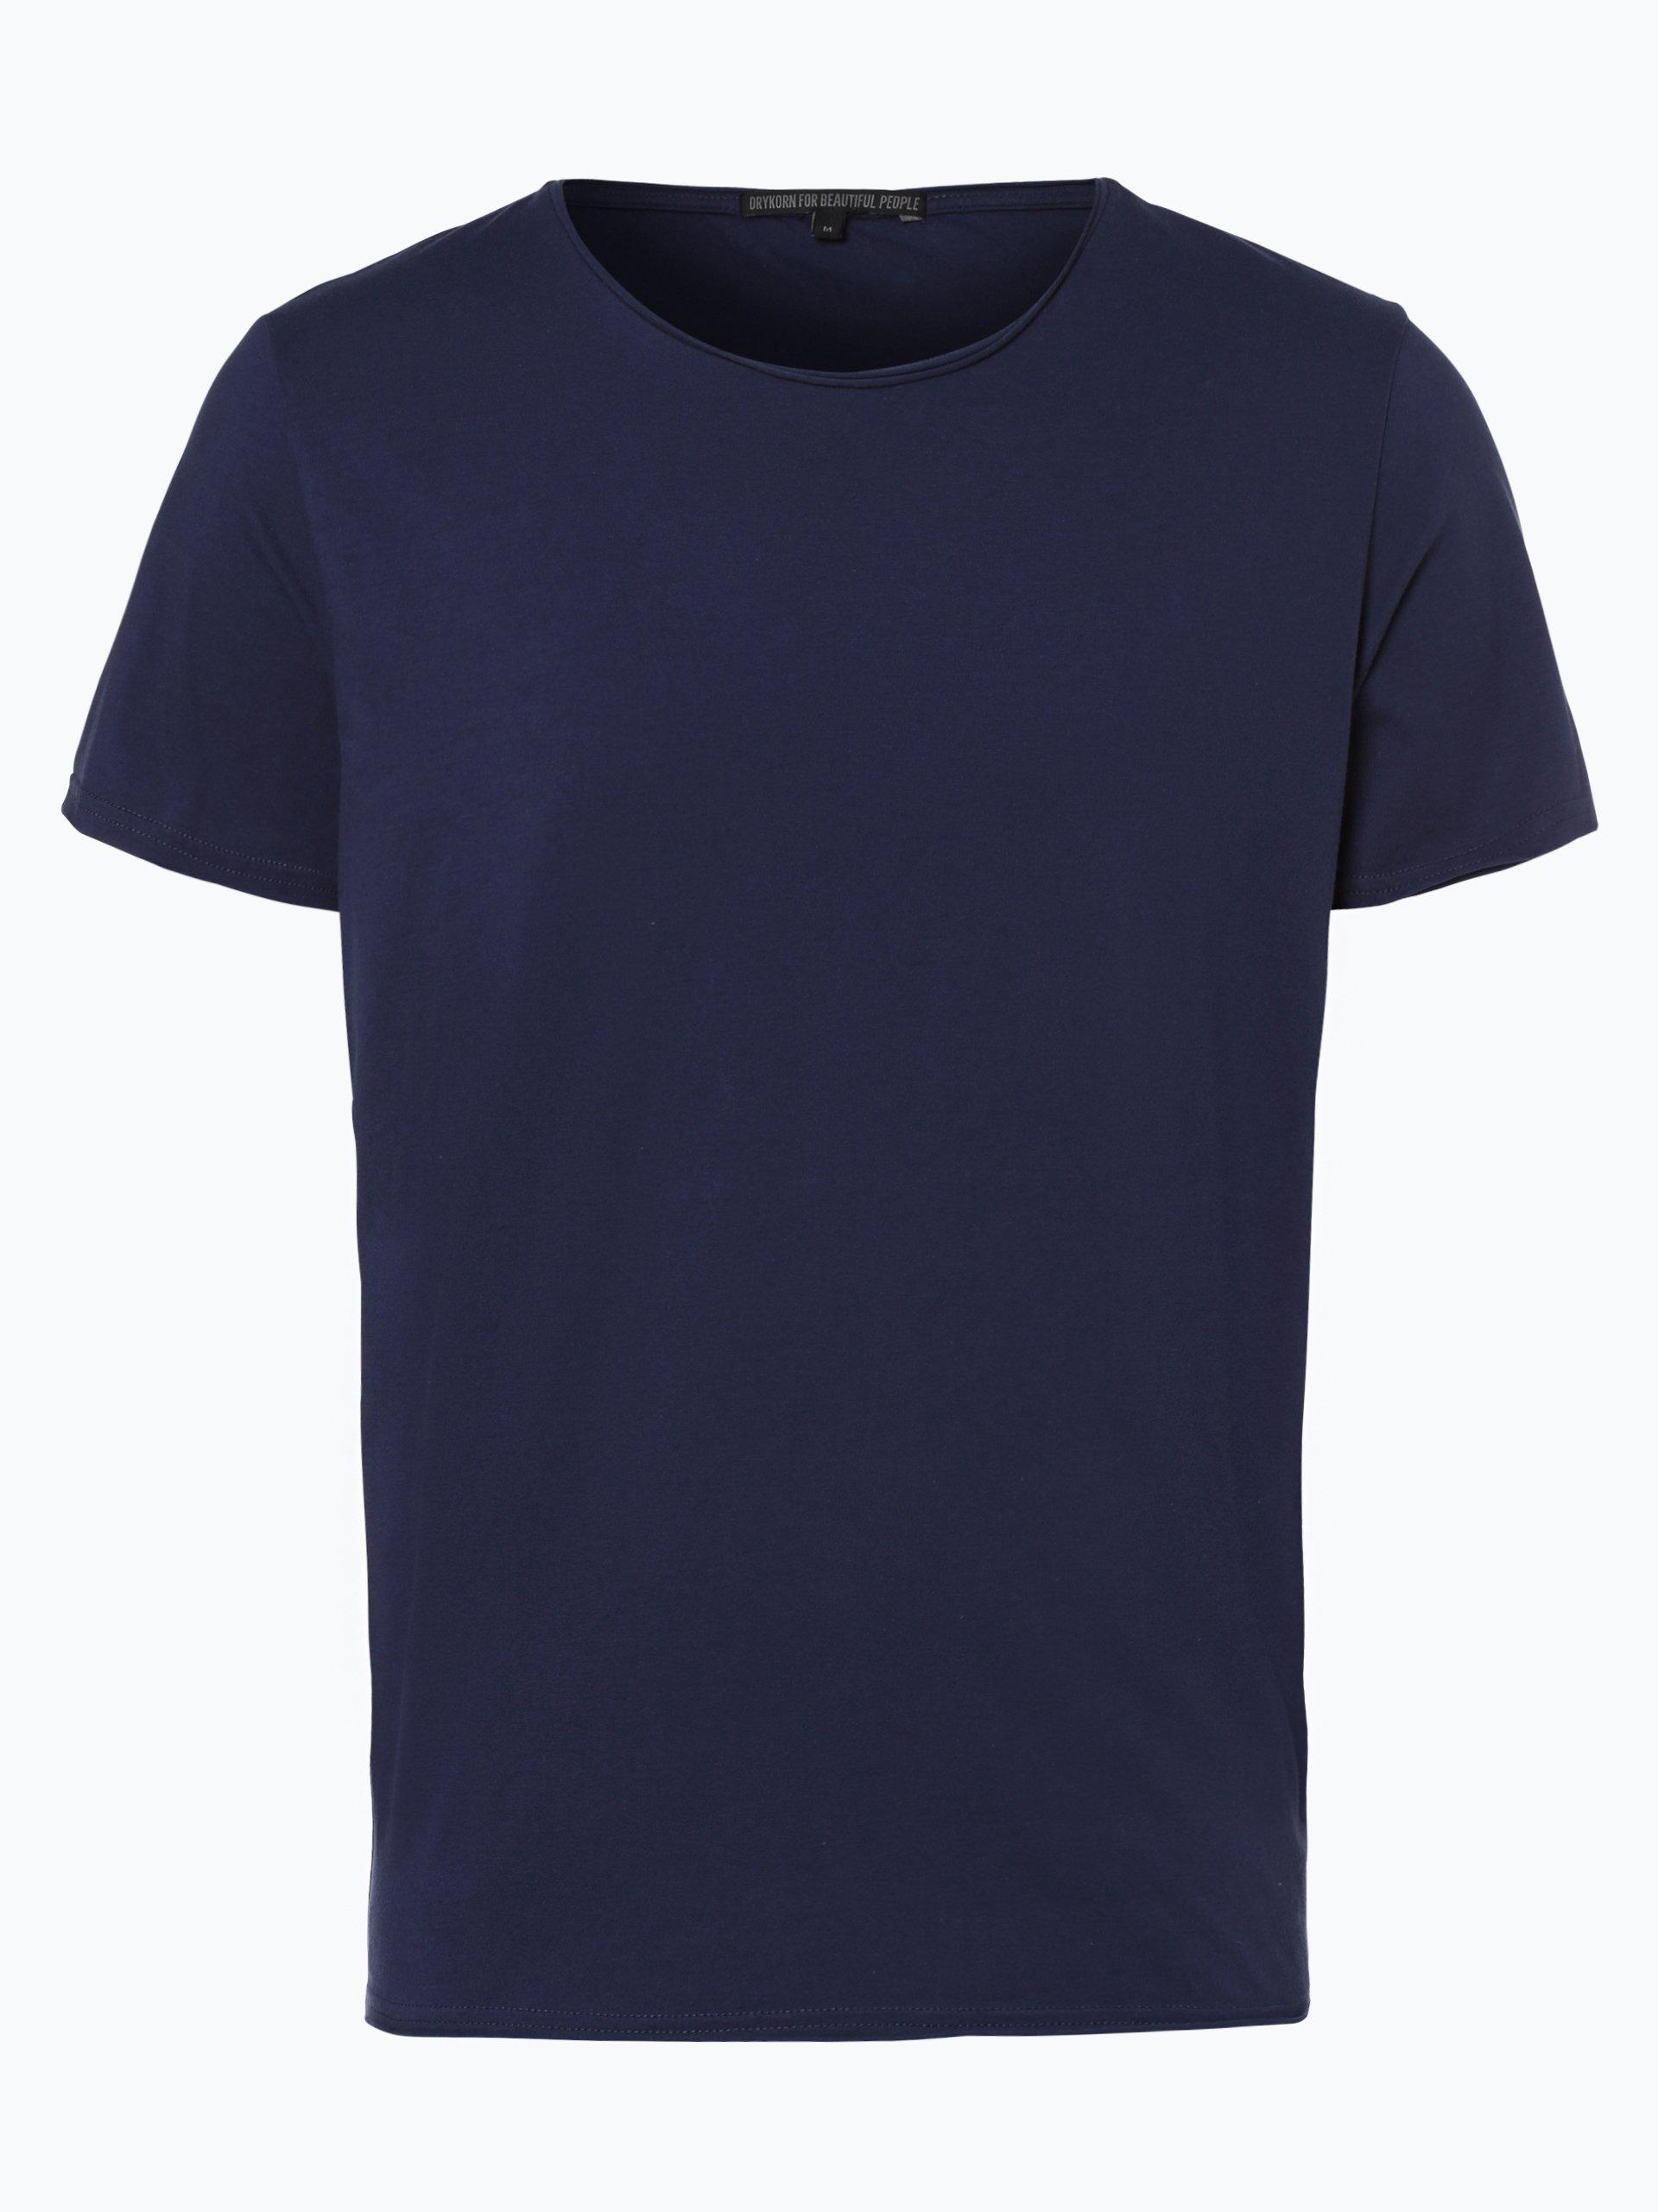 Drykorn T-shirt m?ski � Kendrick